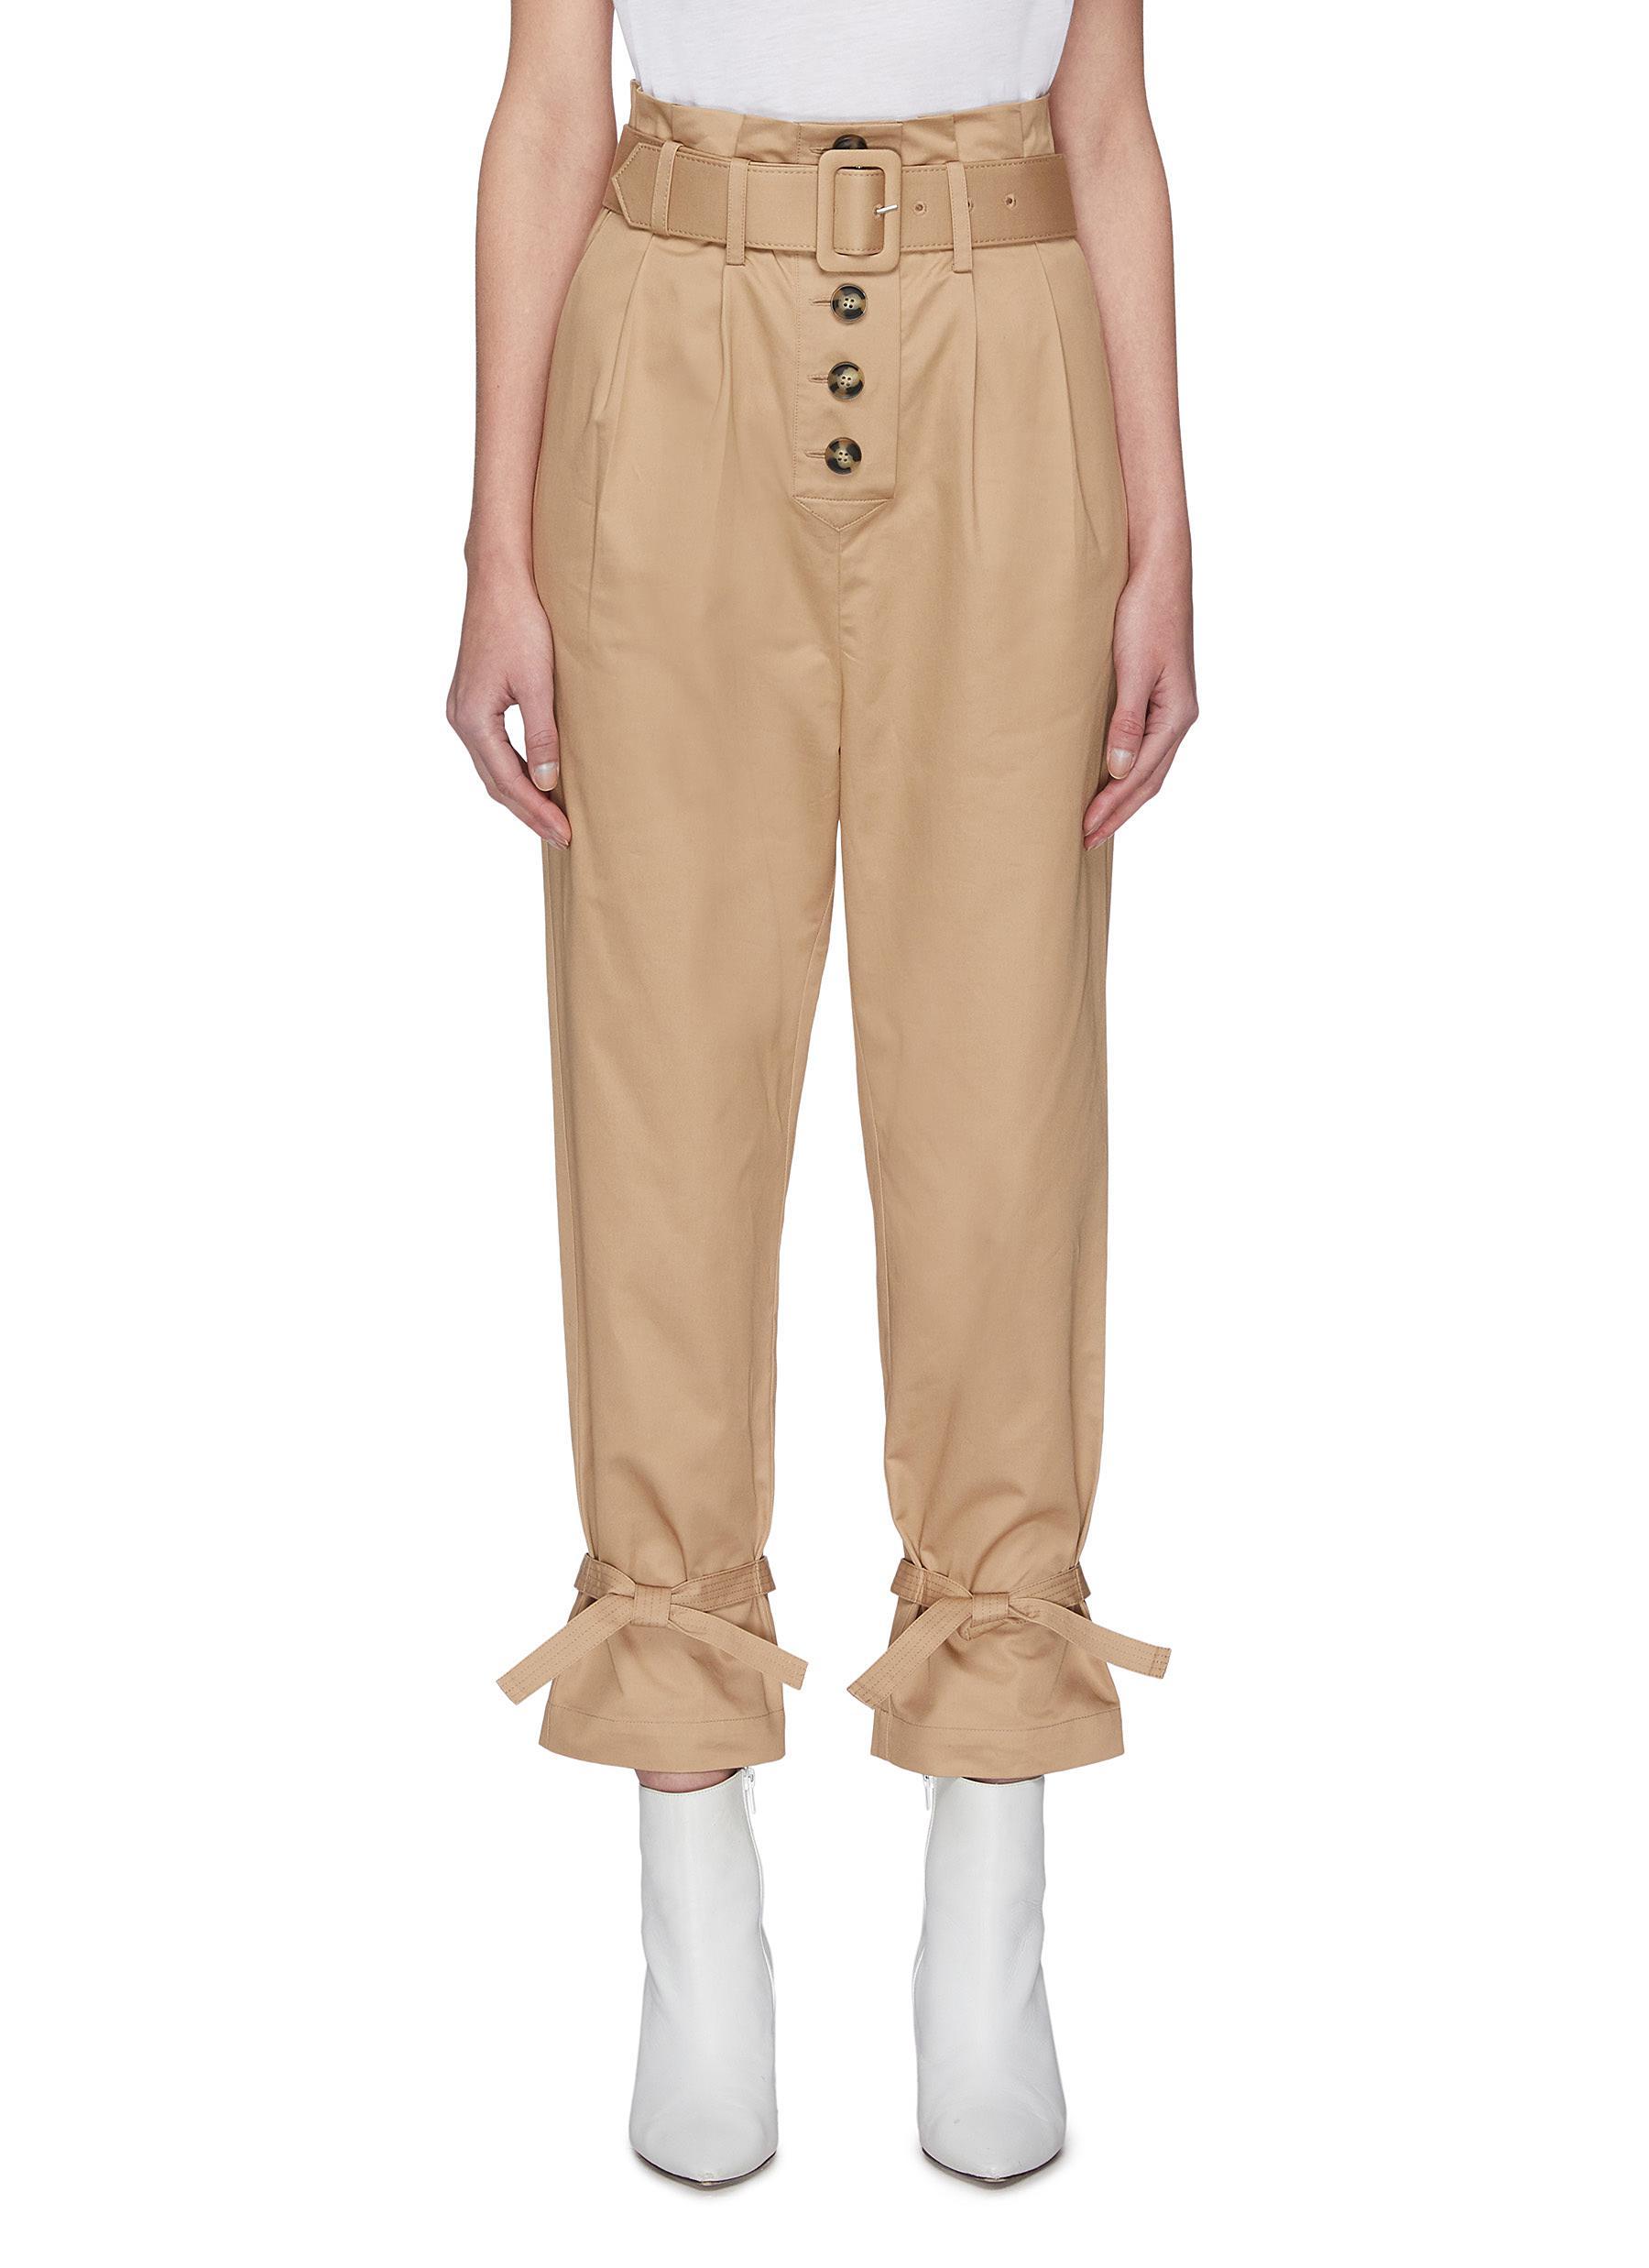 Buy Self-Portrait Pants & Shorts Canvas Peg Pants